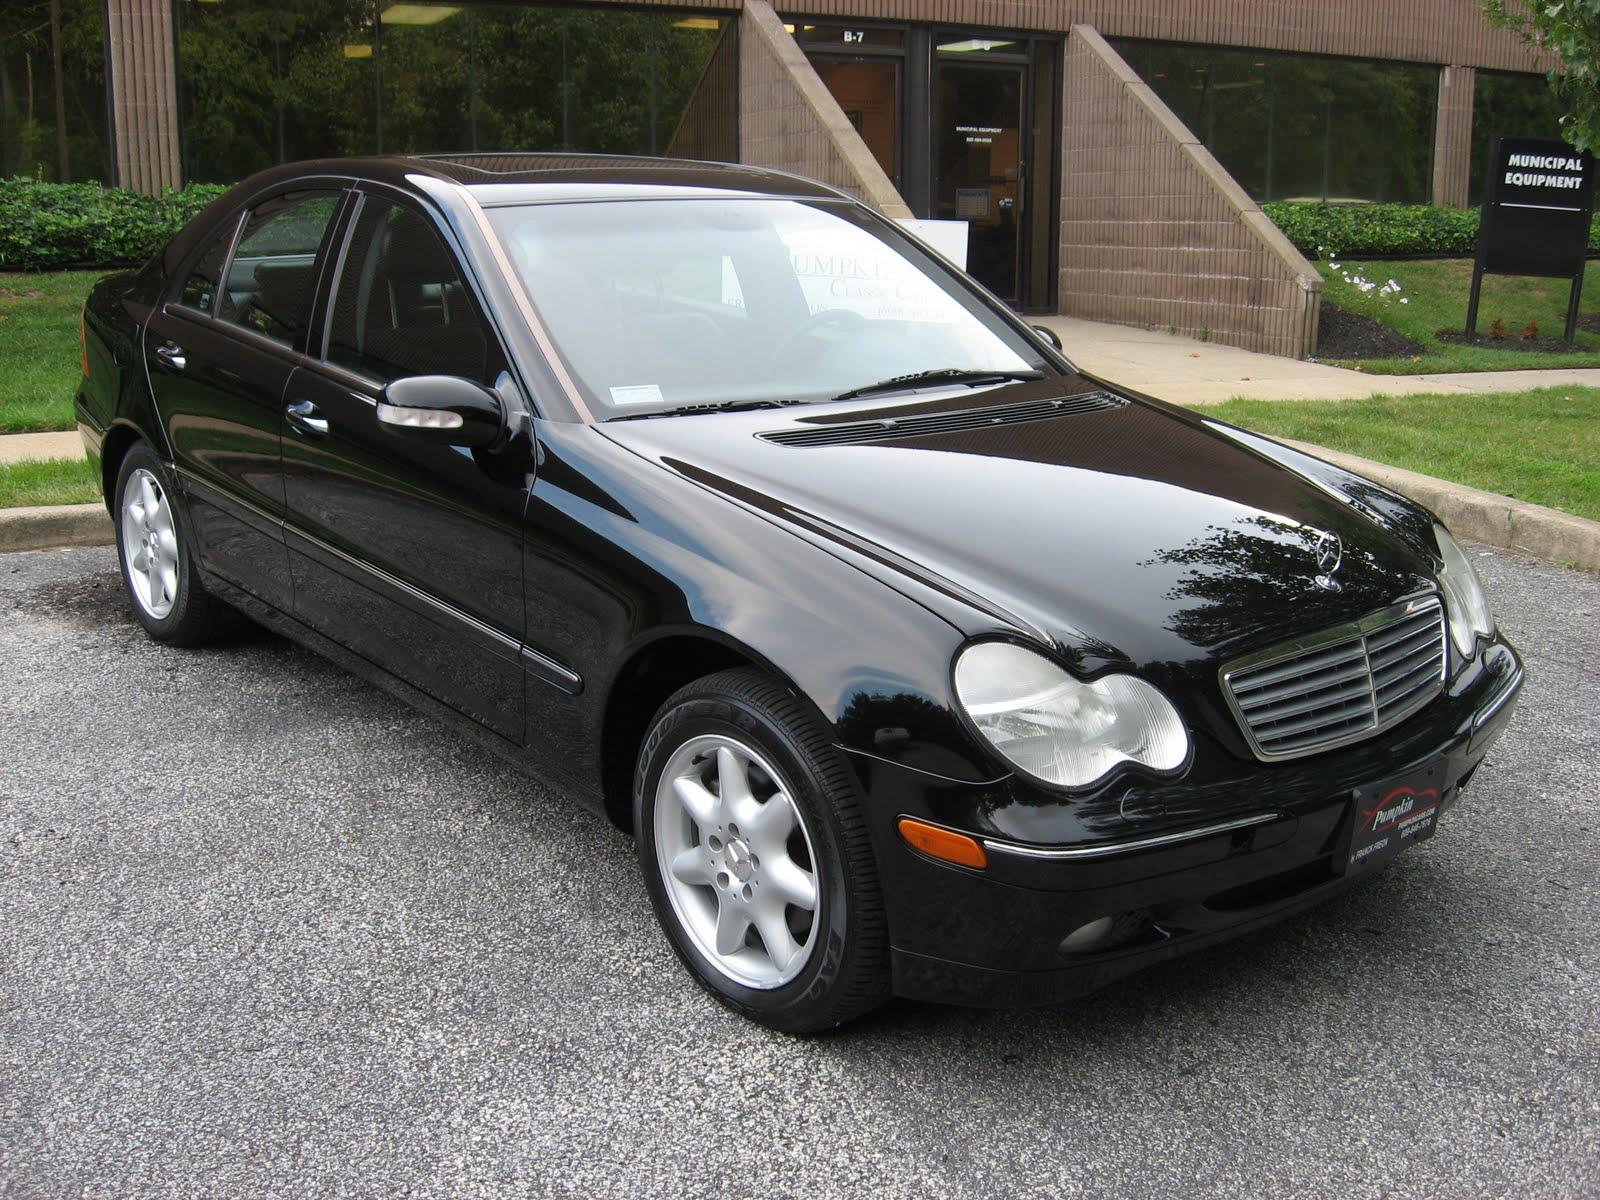 pumpkin fine cars and exotics 2002 mercedes benz c320. Black Bedroom Furniture Sets. Home Design Ideas